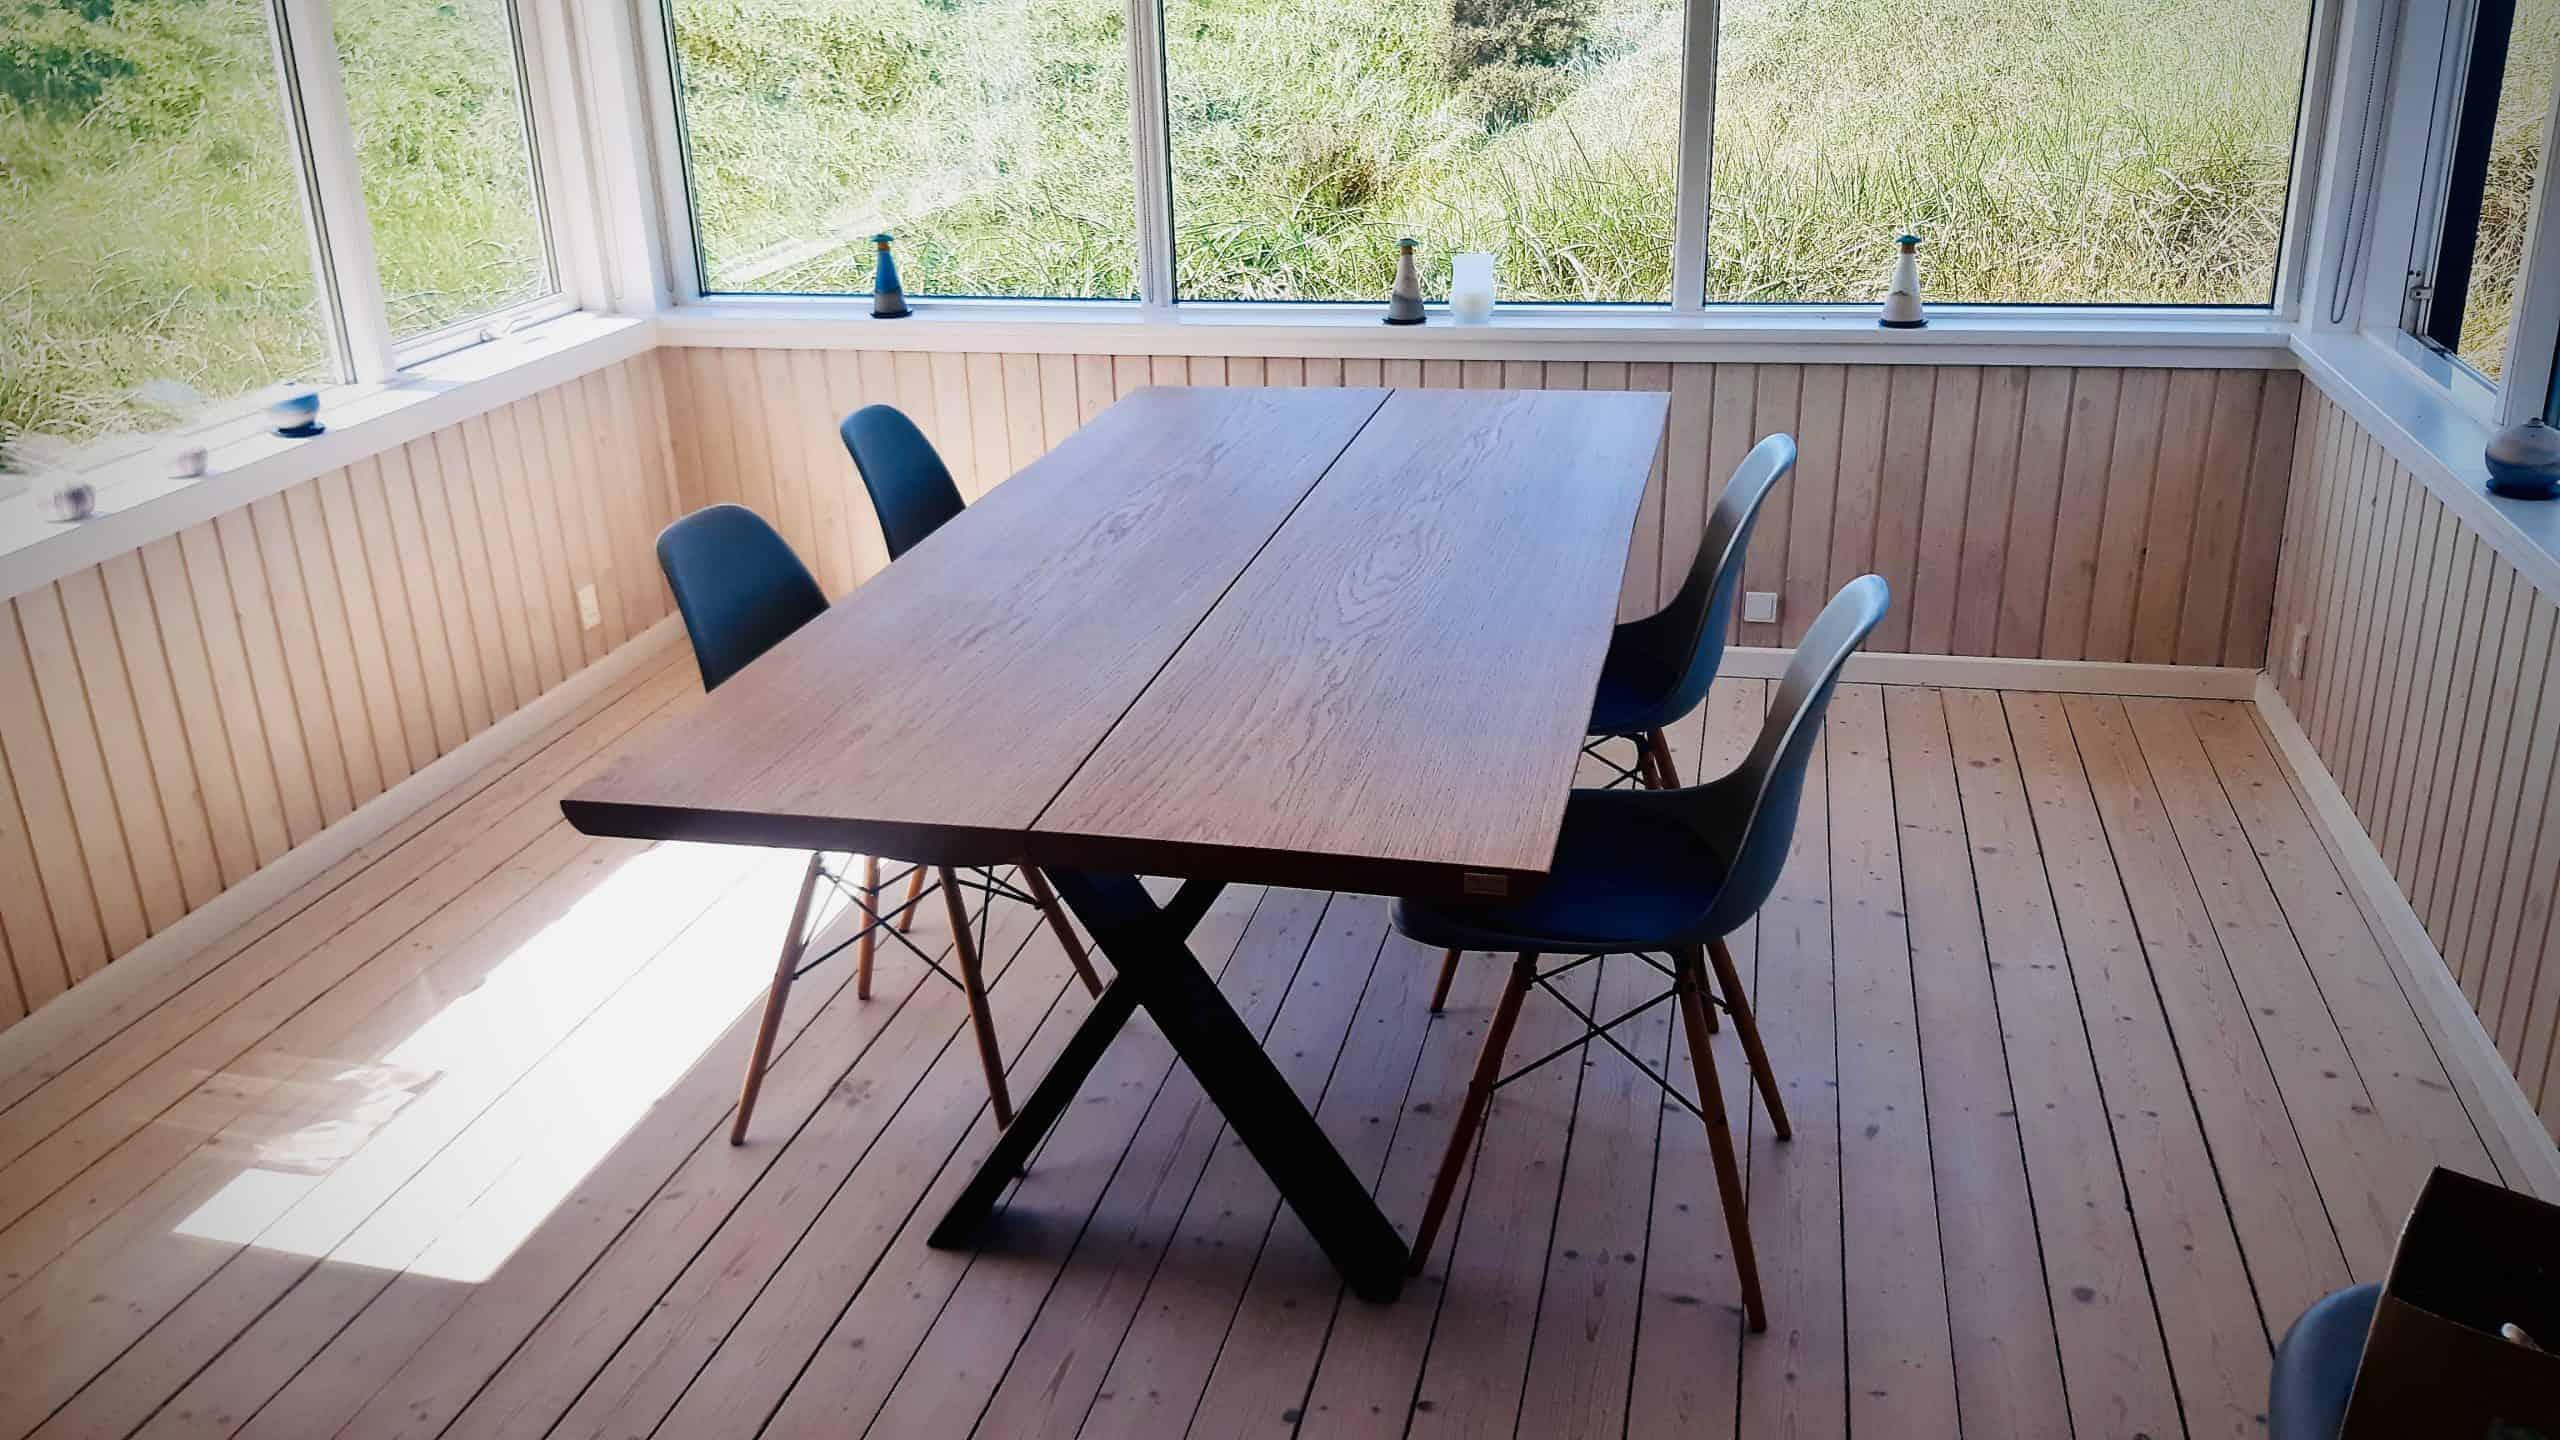 plankebord planke bord i trae Kaerbygård september 2020 4 scaled